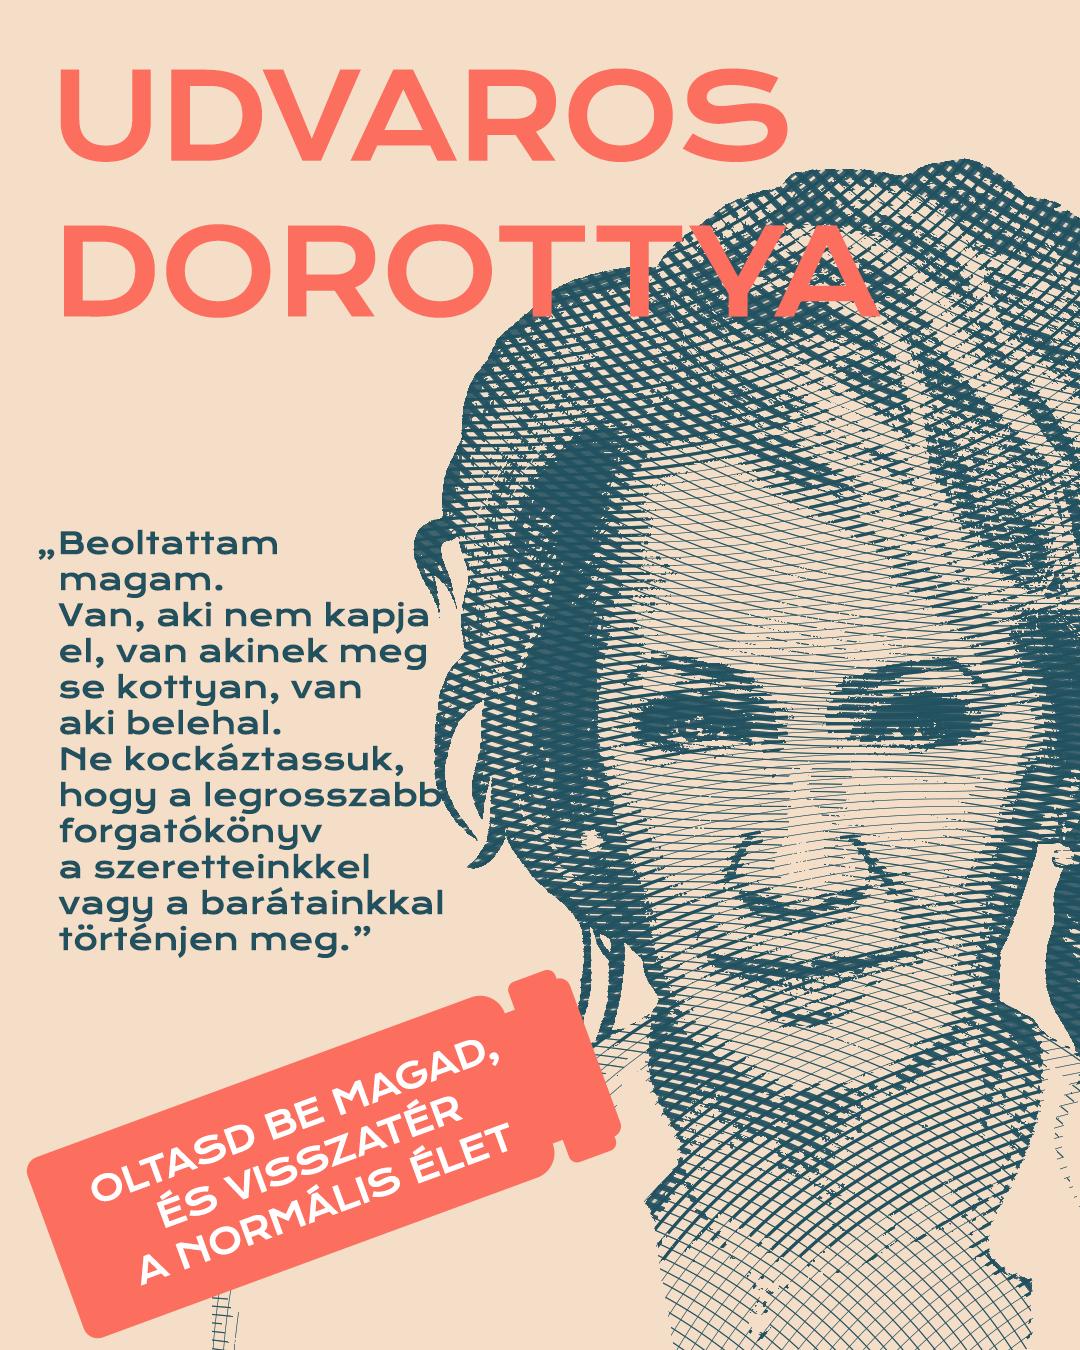 Udvaros Dorottya